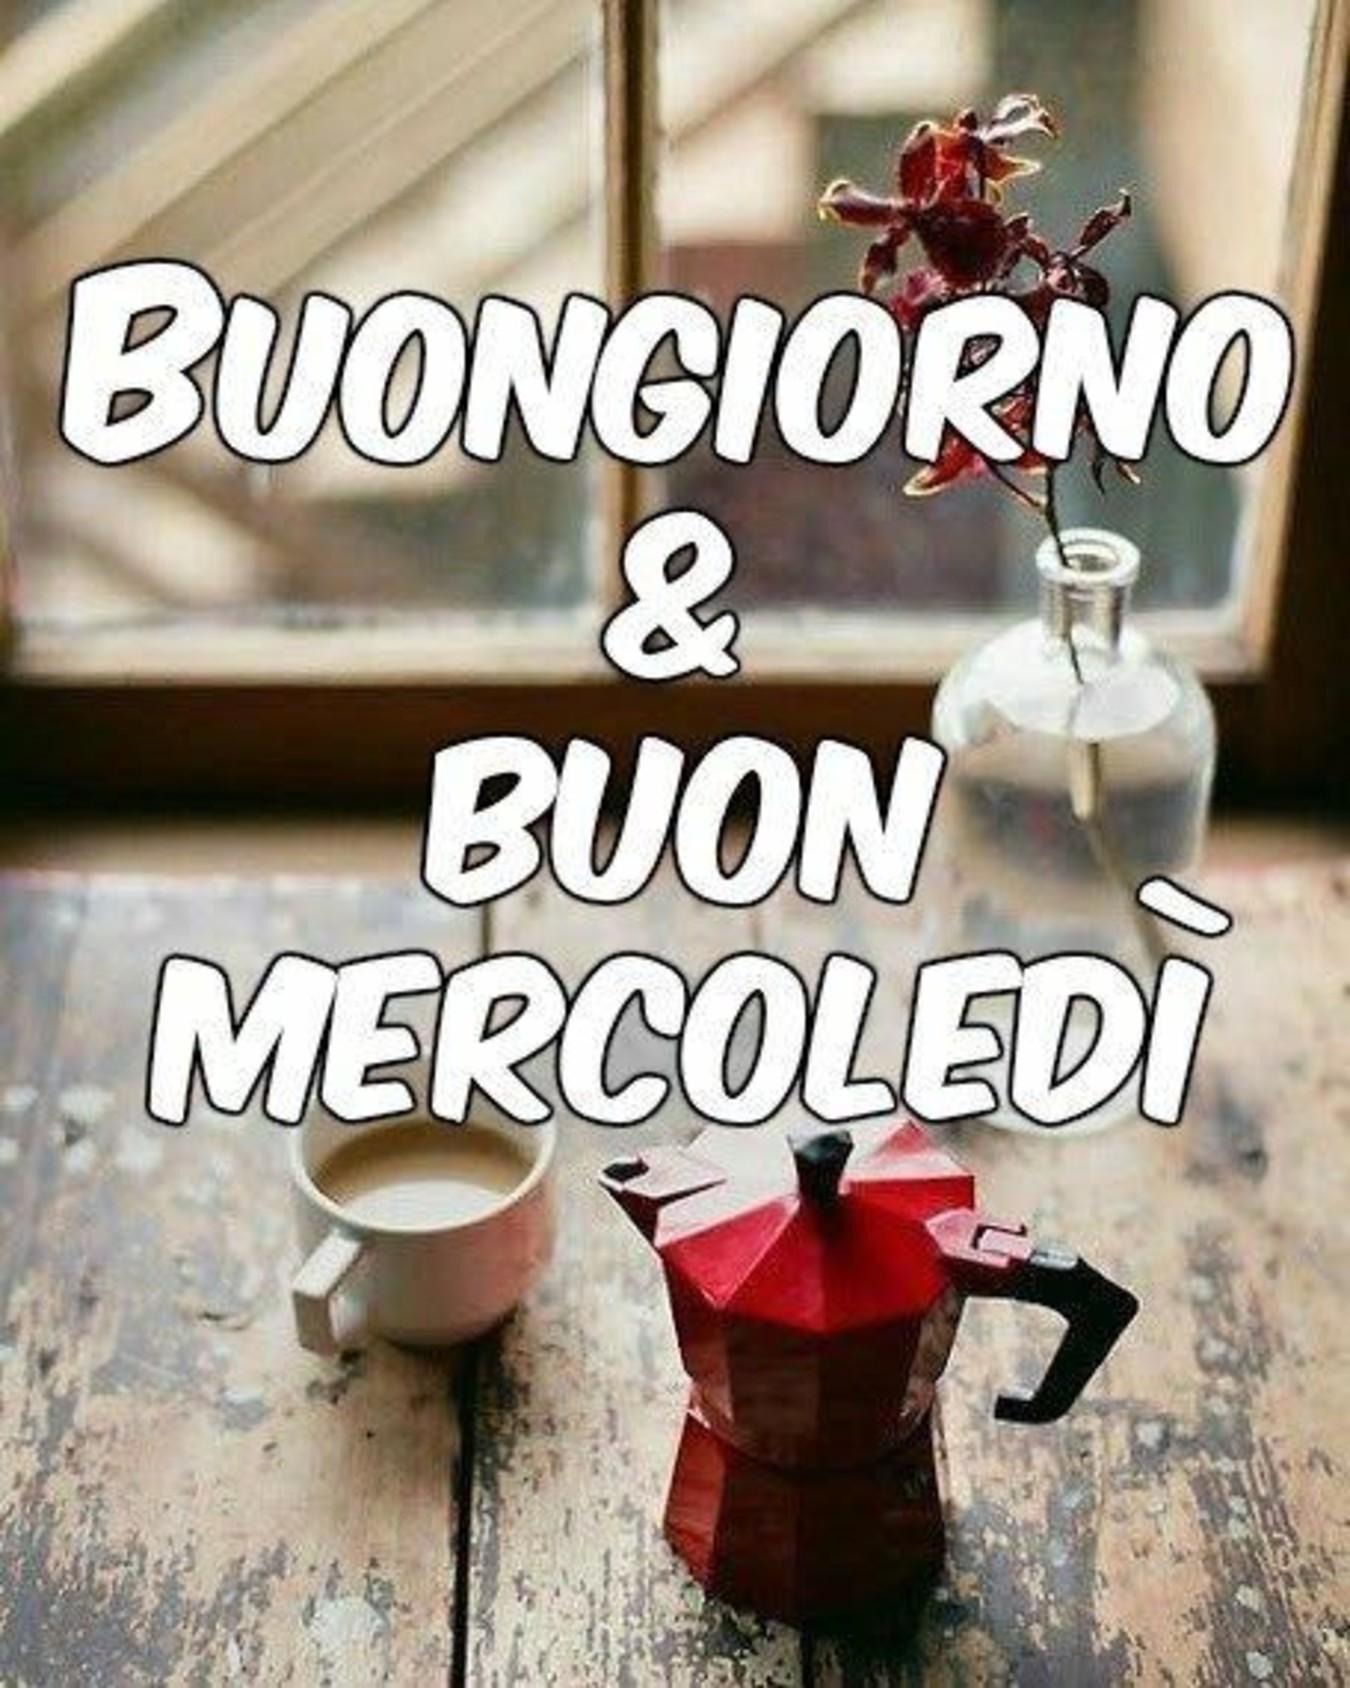 Immagini Buon Mercoledì Col Caffè Immaginiwhatsappit